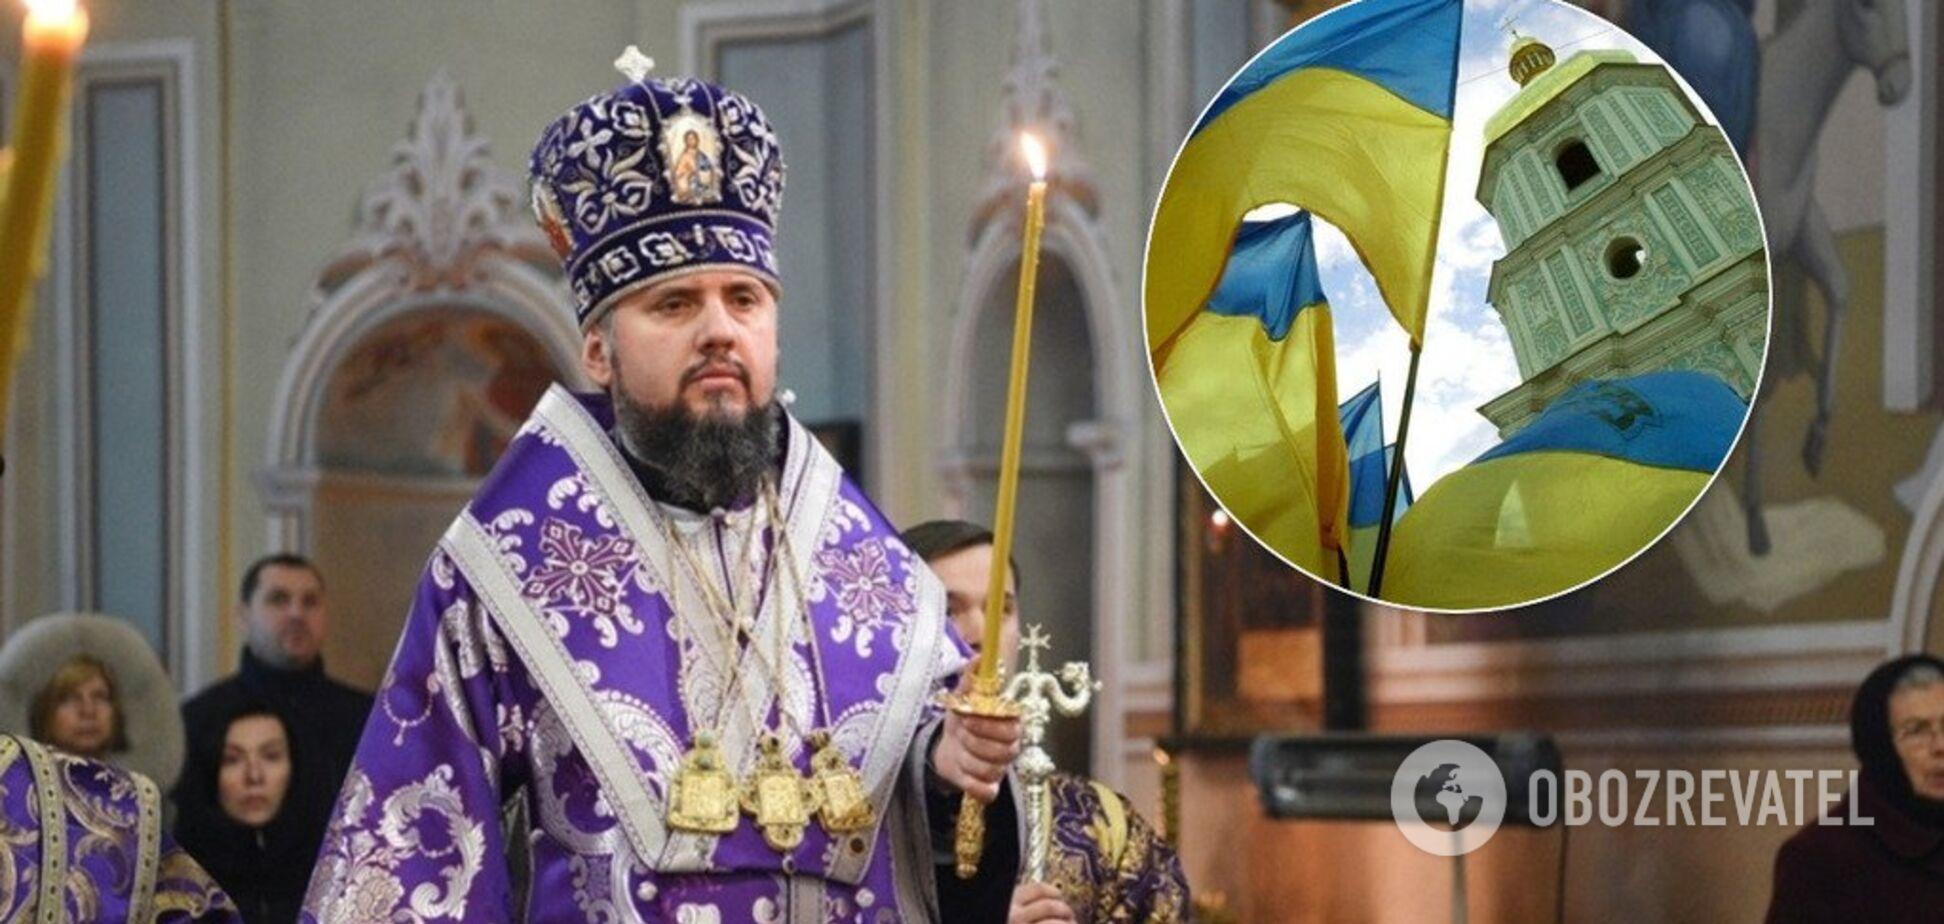 Росія хоче відновити імперію. ПЦУ стоїть у неї на шляху – архієпископ